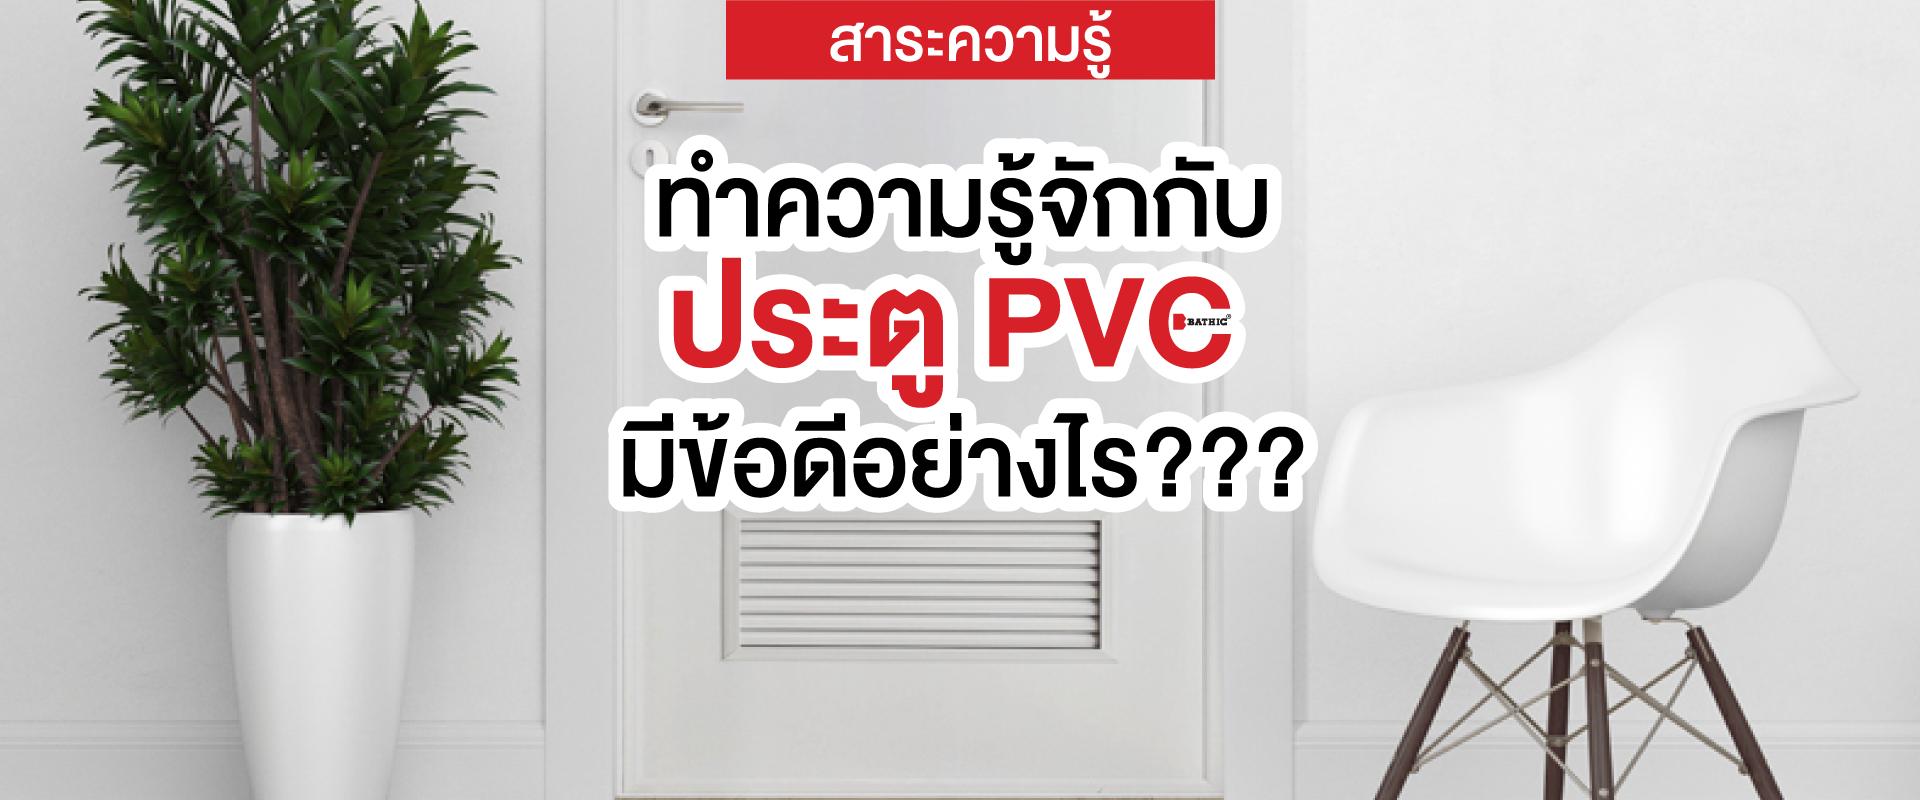 Bathic-pvc-door